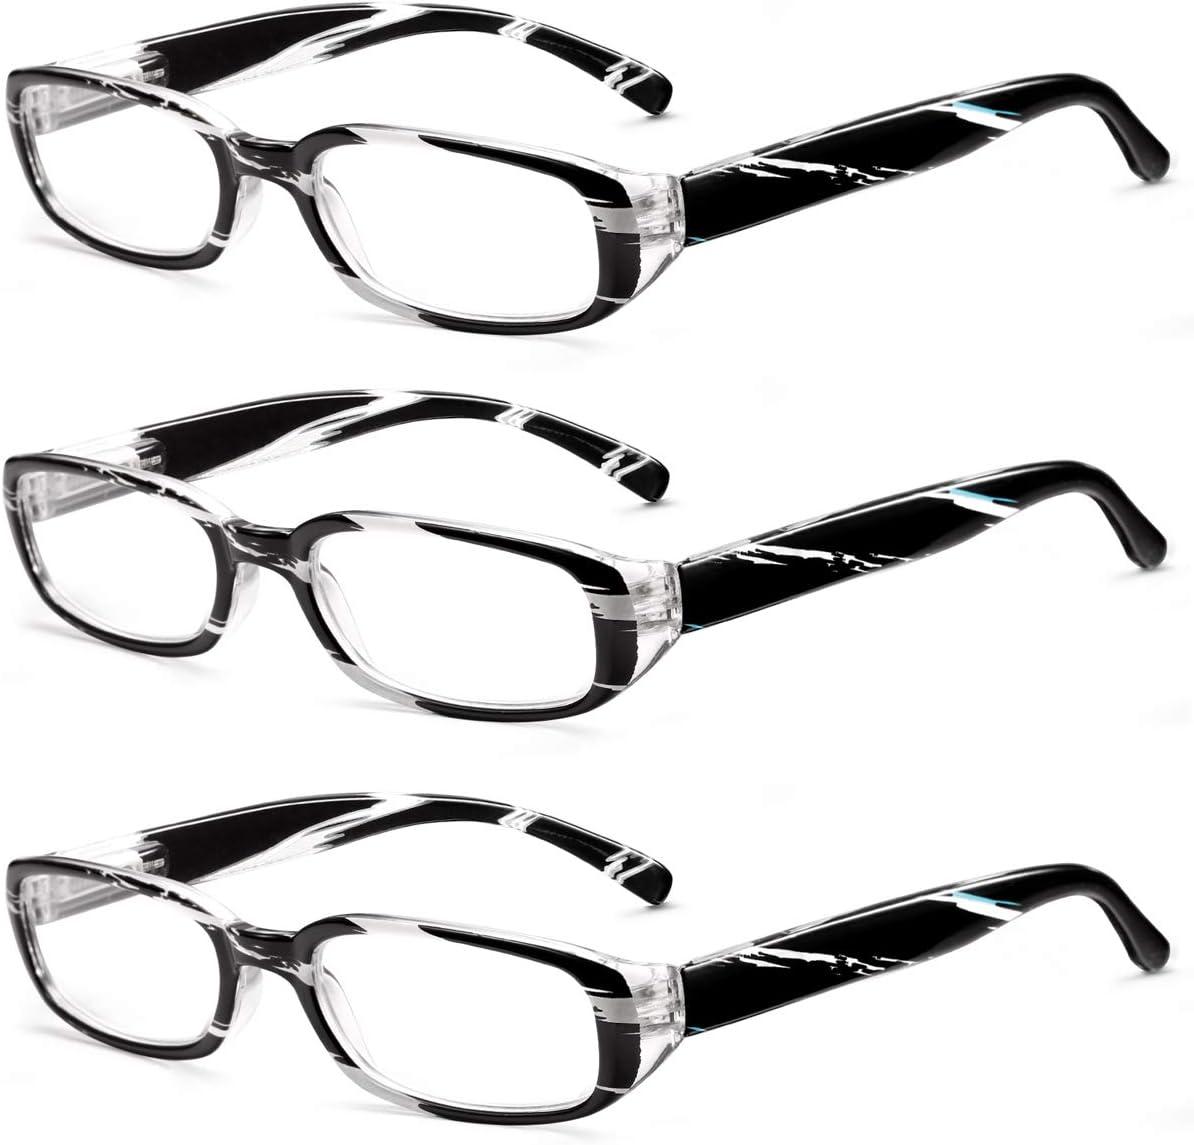 EASE ART Gafas de lectura Hombres Gafas Luz Azul Ordenador Gafas con Filtro de luz Azul para Hombre y Mujer Ligero Marco de Bisagra de Resorte Gafas